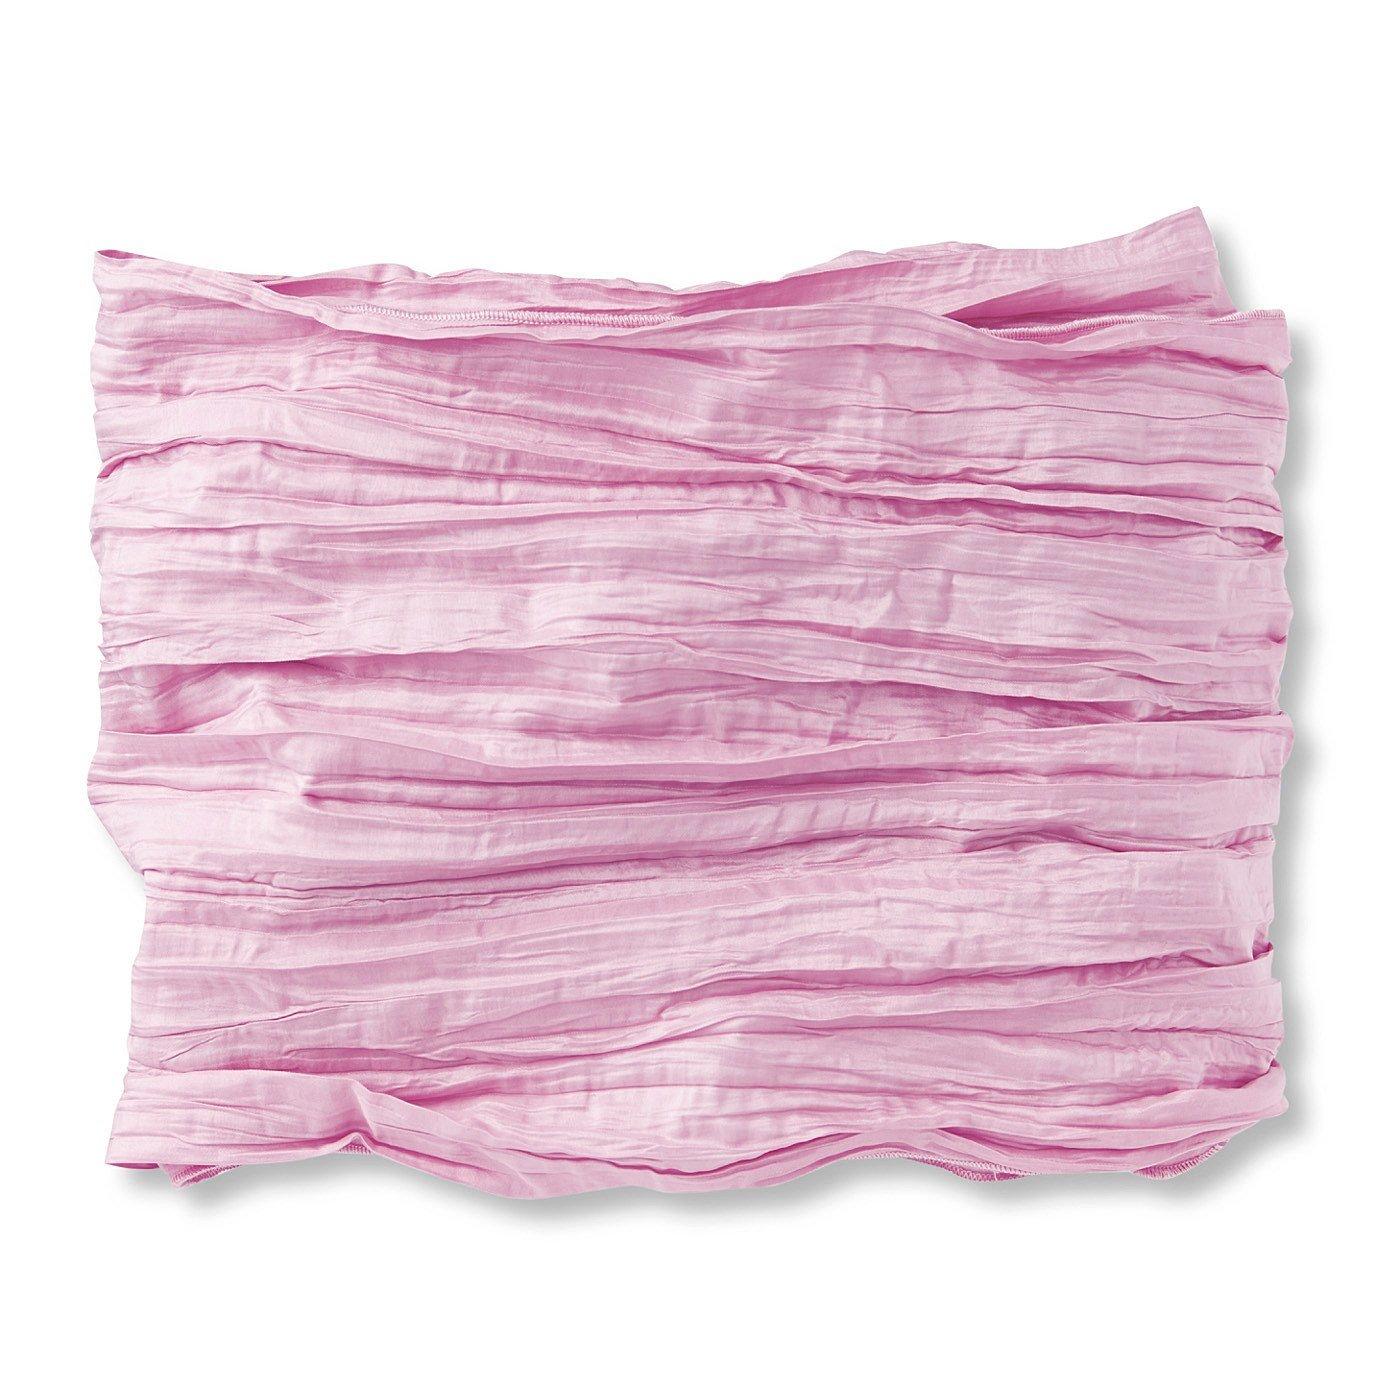 くしゅくしゅふんわりが素敵な兵児帯(へこおび)〈ピンク〉